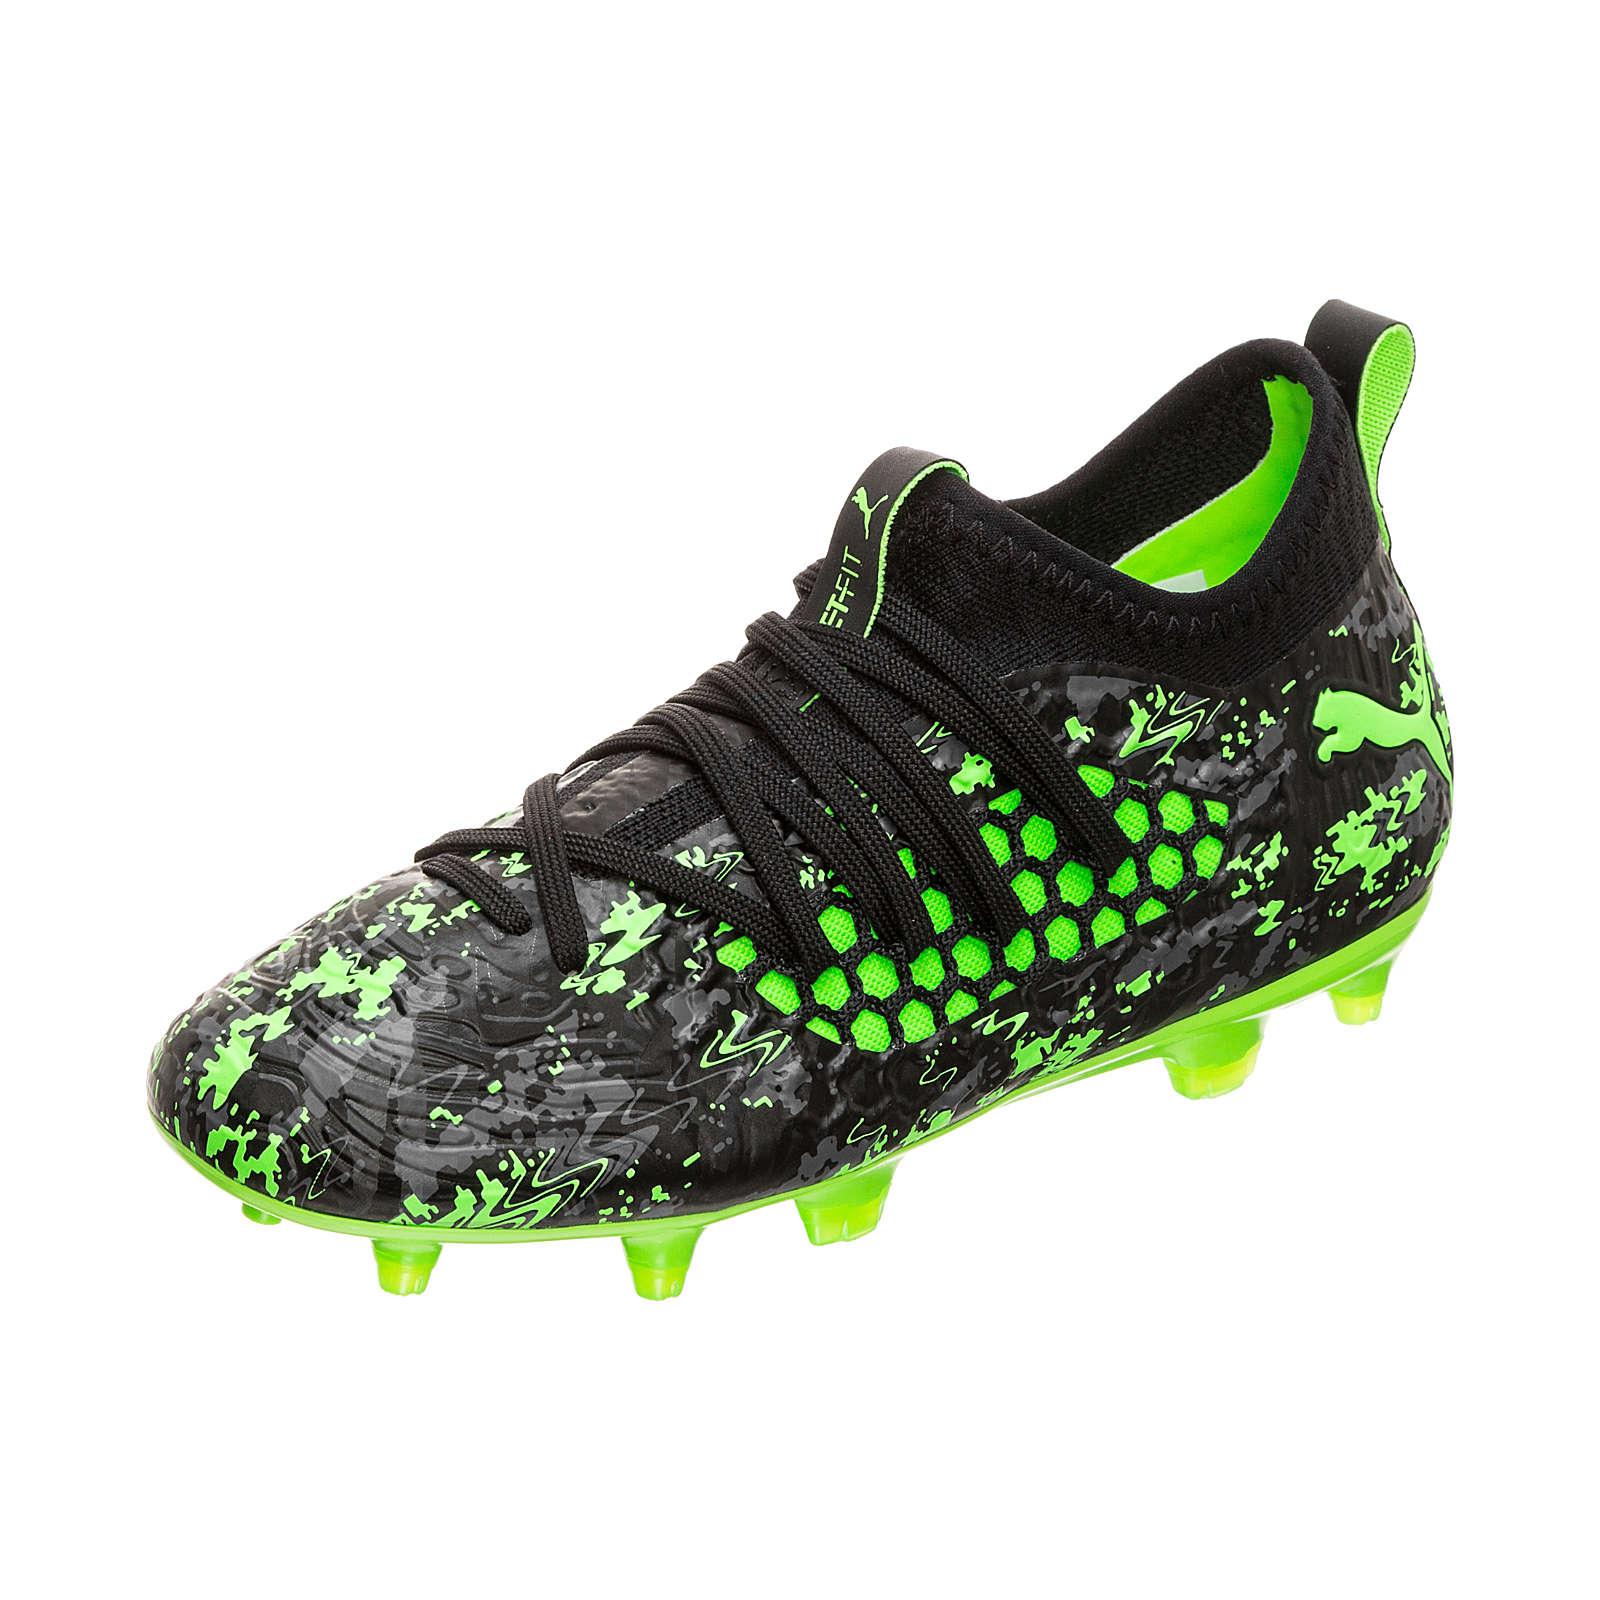 PUMA Future 19.3 NETFIT FG/AG Fußballschuh Kinder schwarz/grün Gr. 34